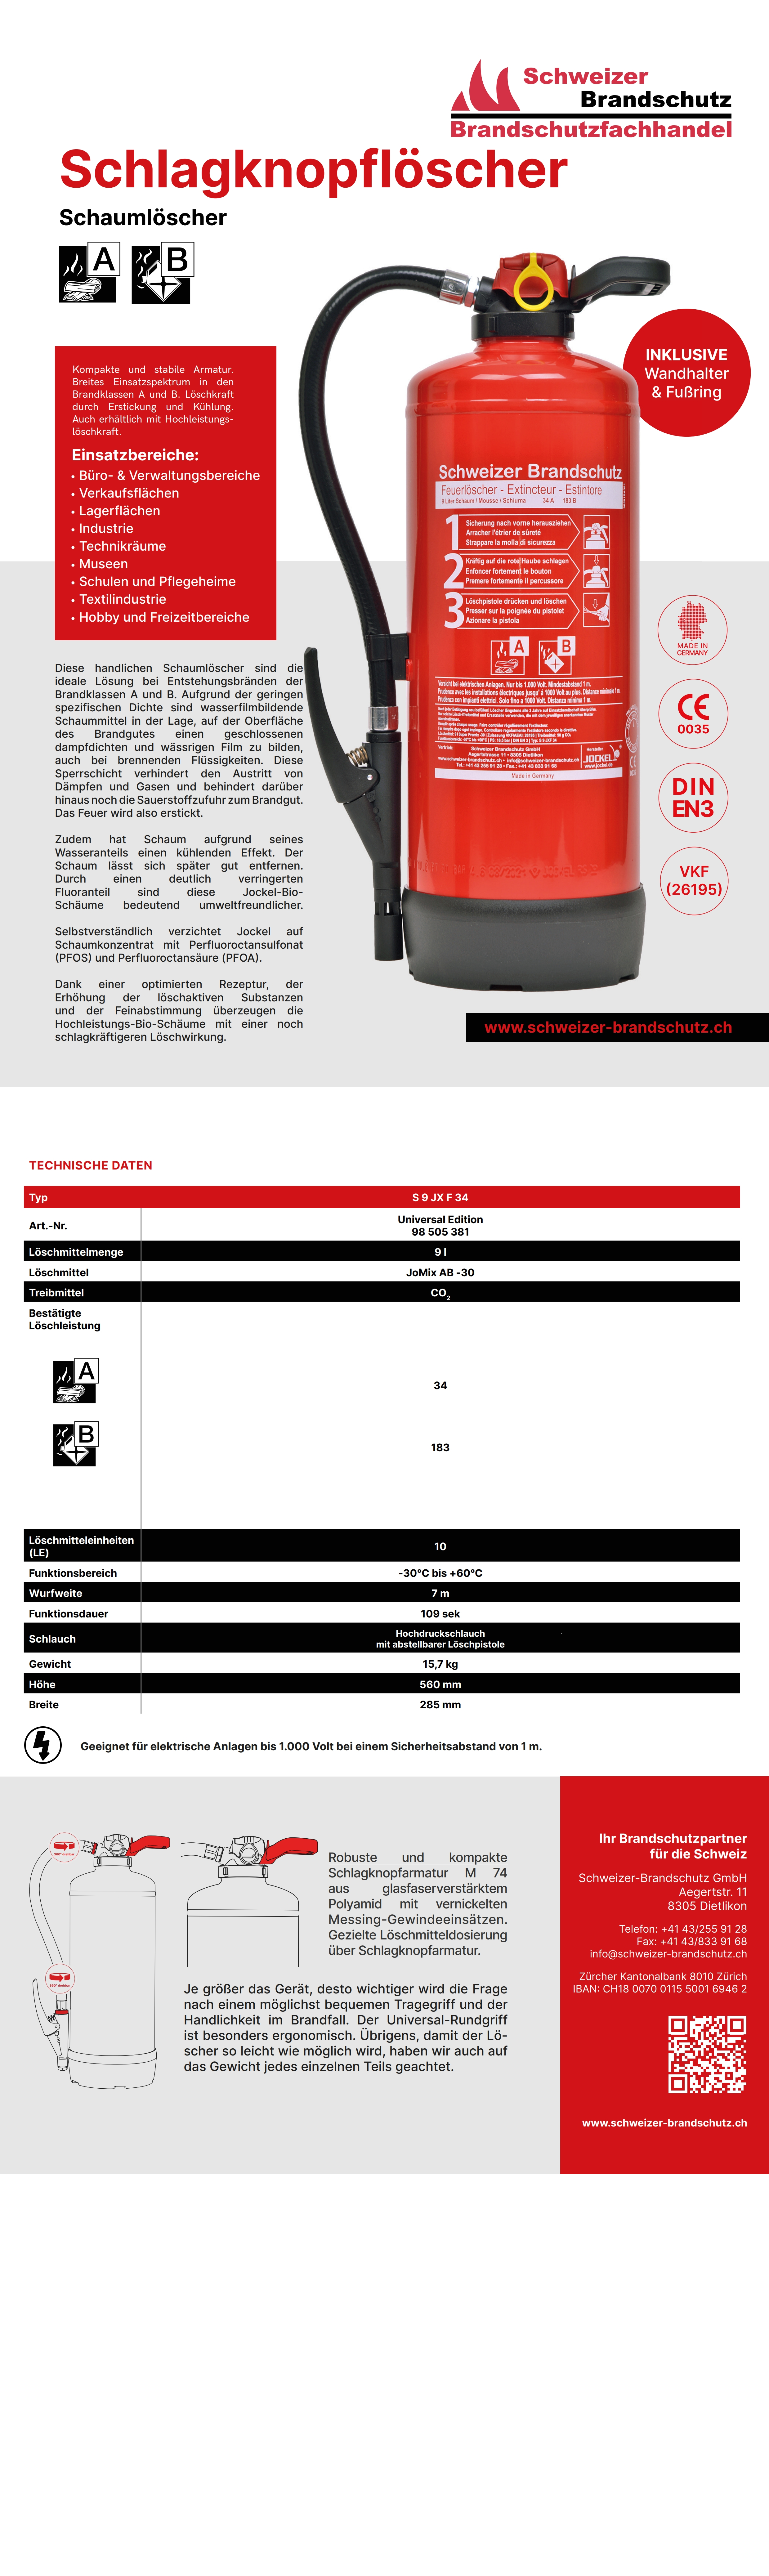 Datenblatt Schaum Feuerlöscher 9 Liter Frostsicher